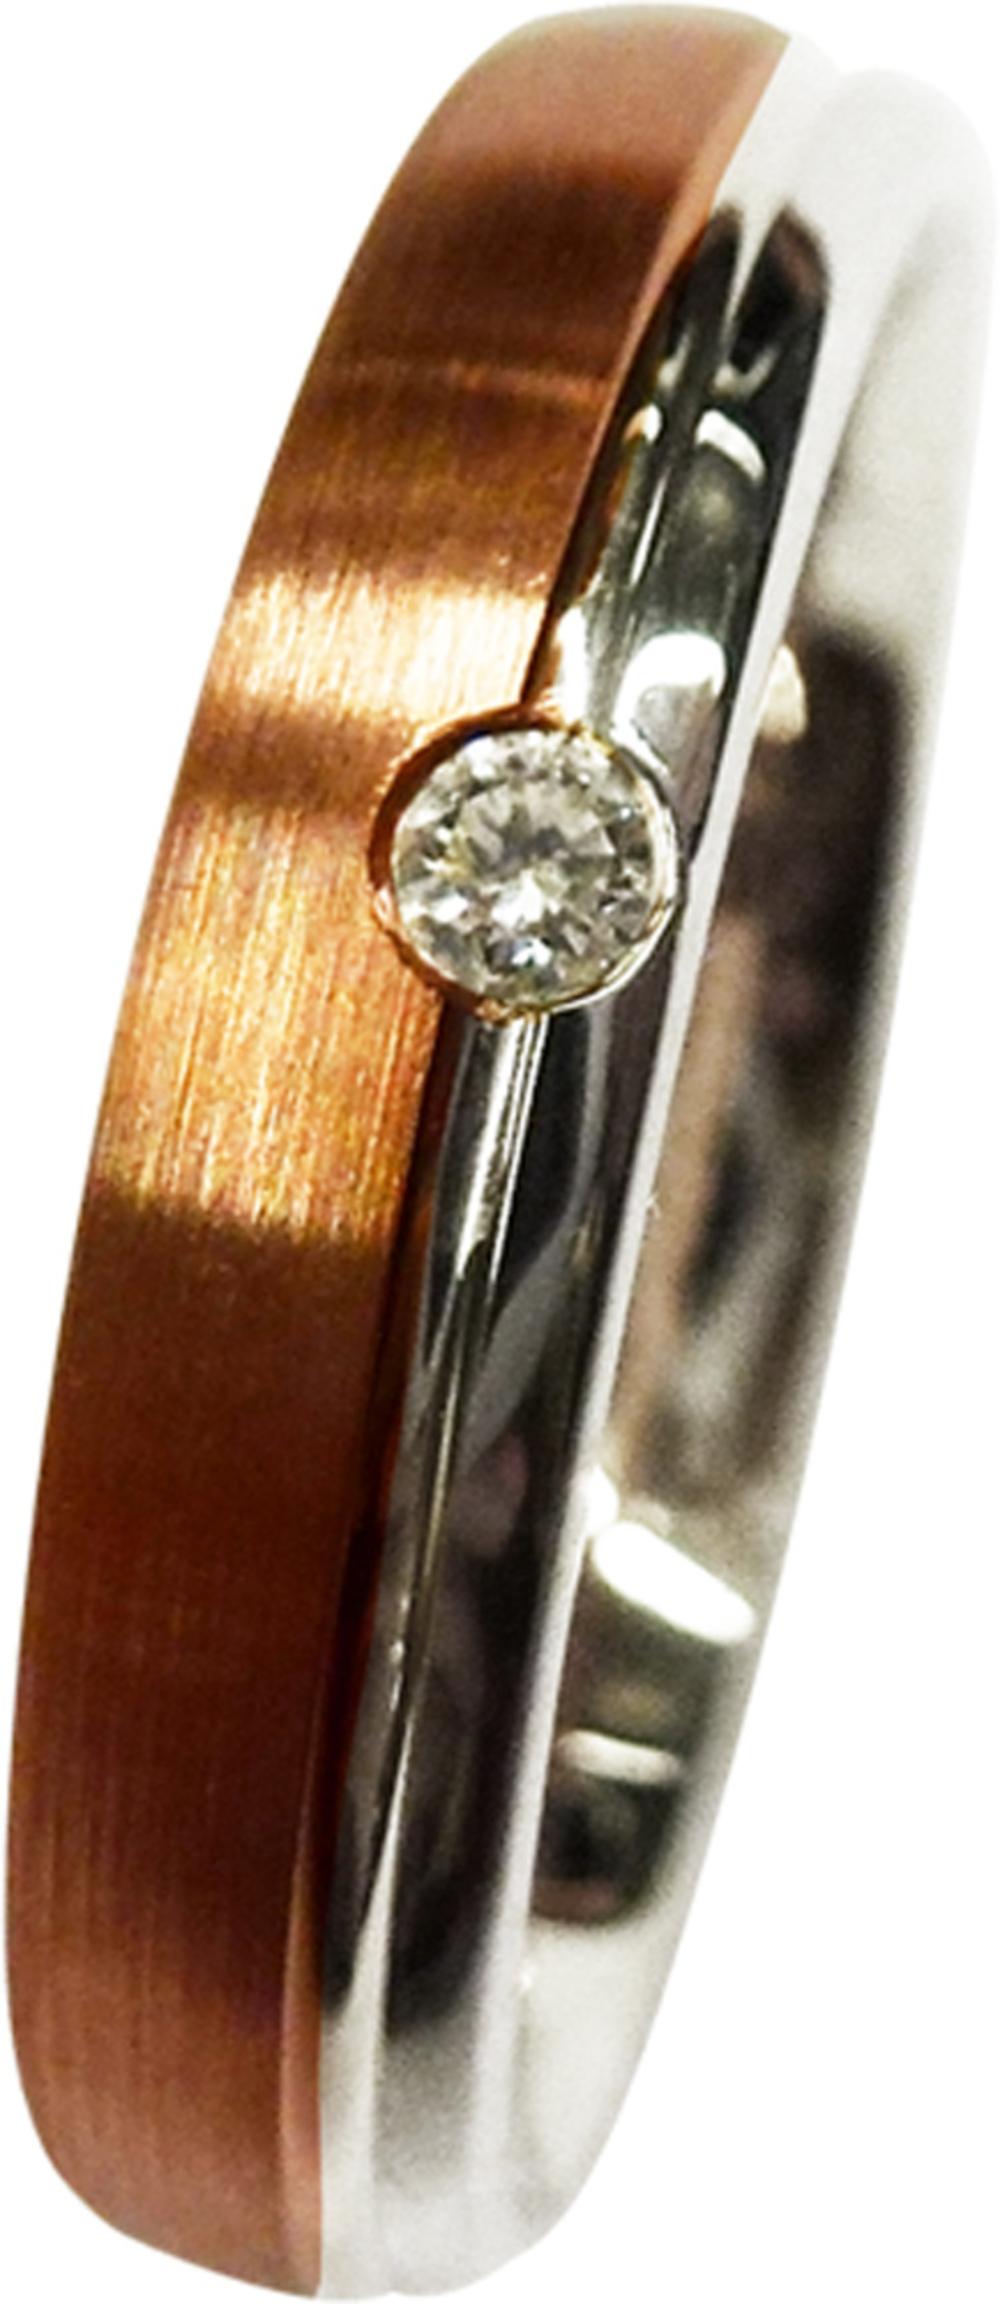 CH.ABRAMOWICZ Trauring/Ehering in Weissgold und Rotgold mit einem Brillant 100499500